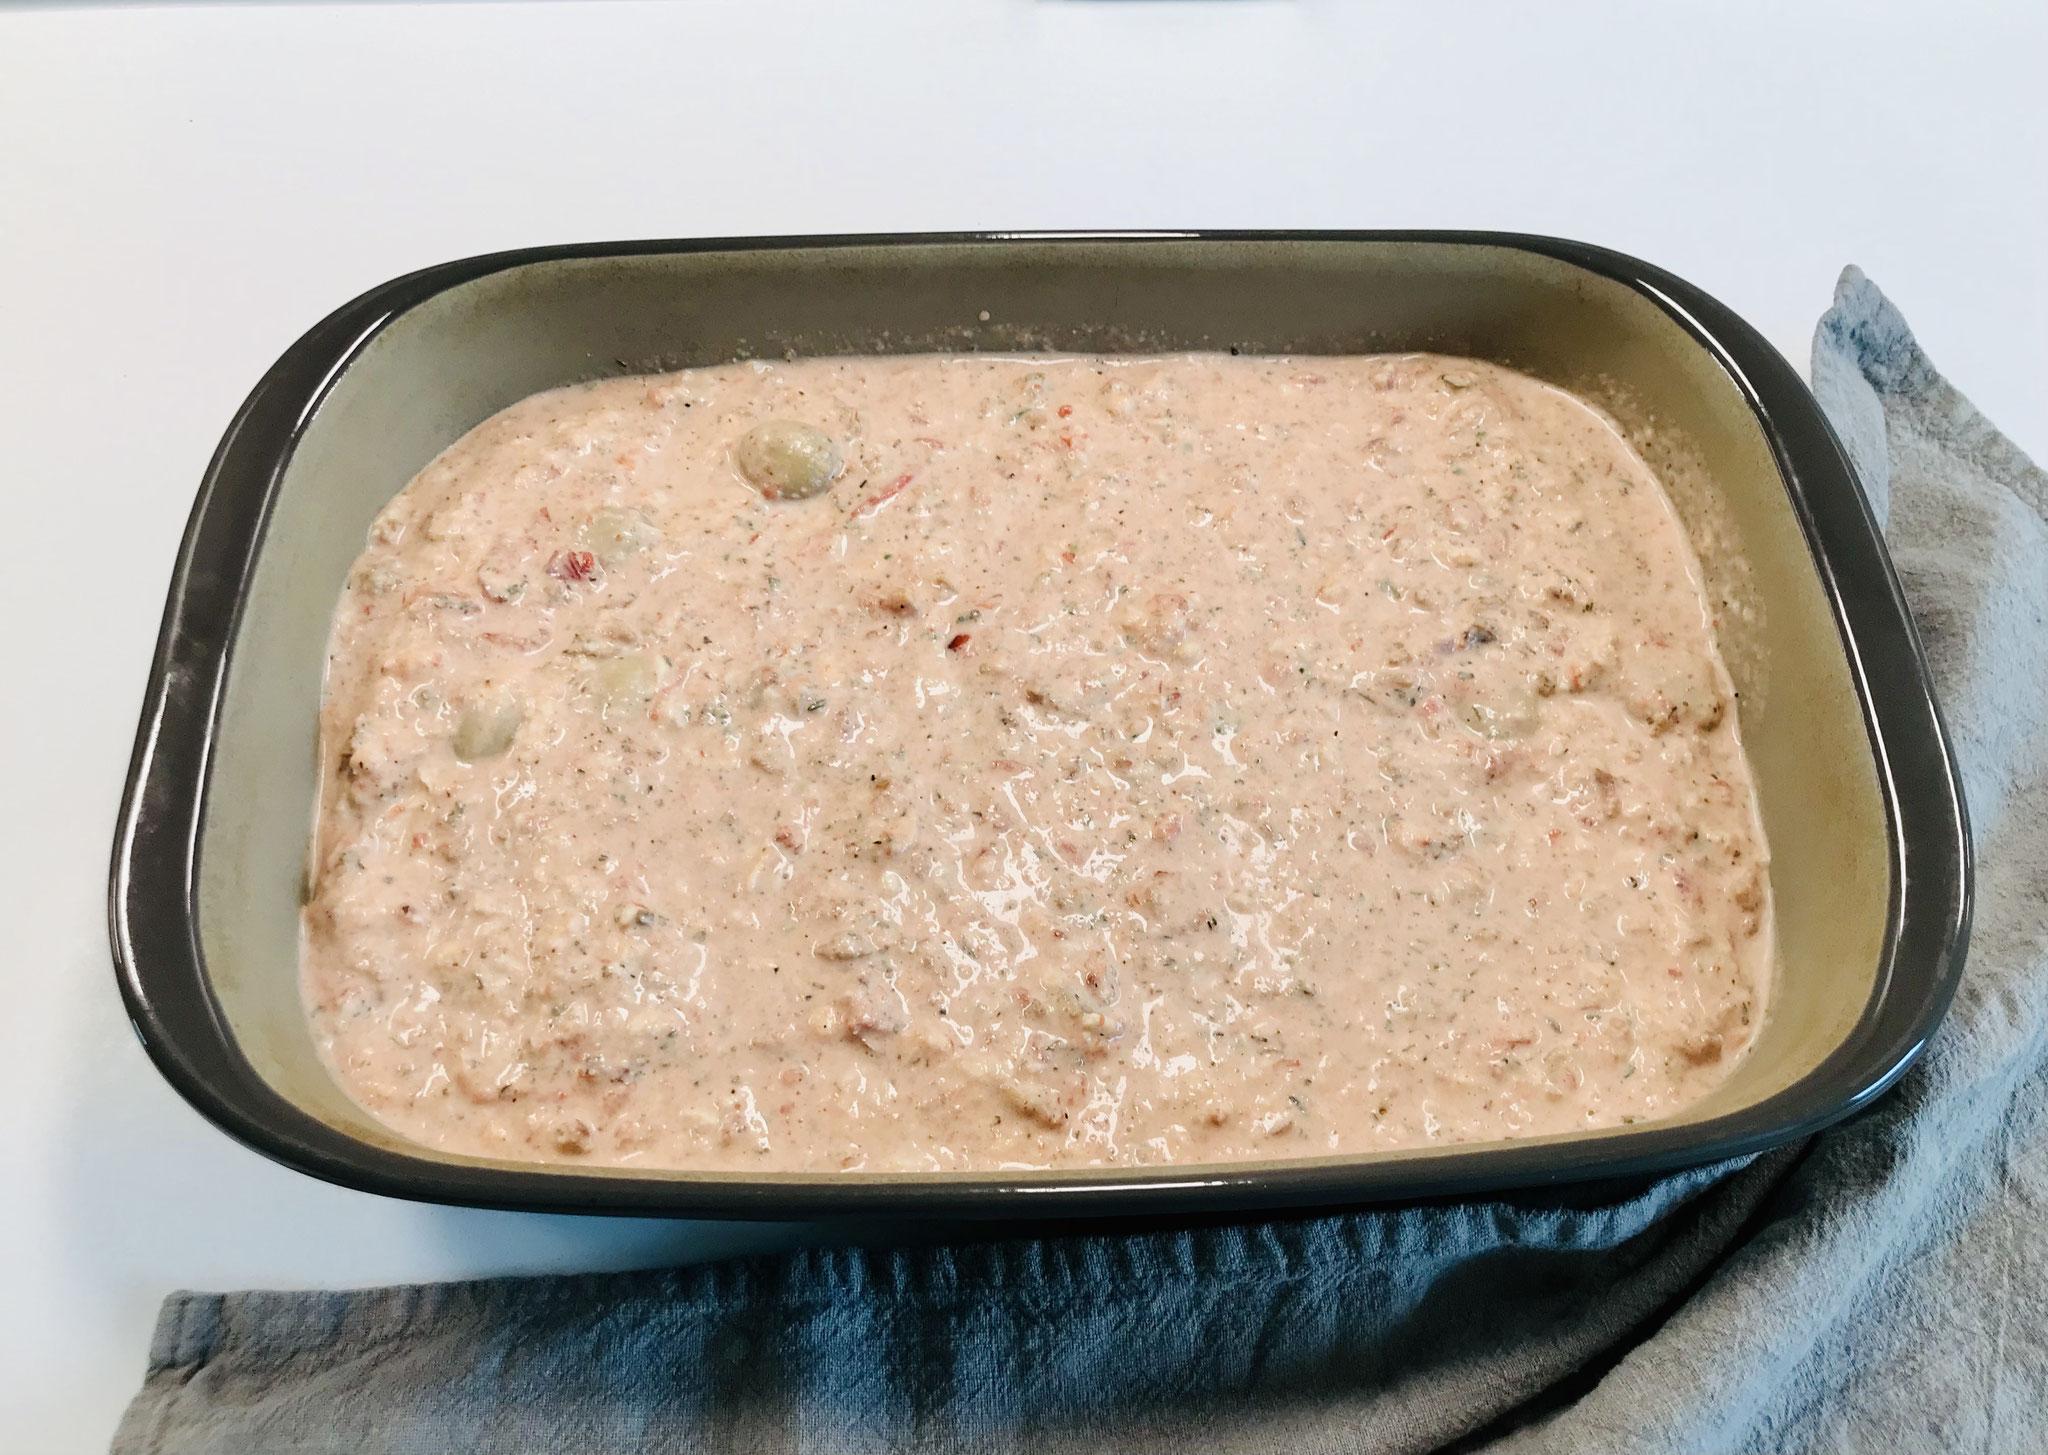 Die Sauce nach der Rezeptanleitung zubereiten und über die Maultaschen gießen... den Zauberstein als Deckel auf die rechteckige große Ofenhexe® legen....